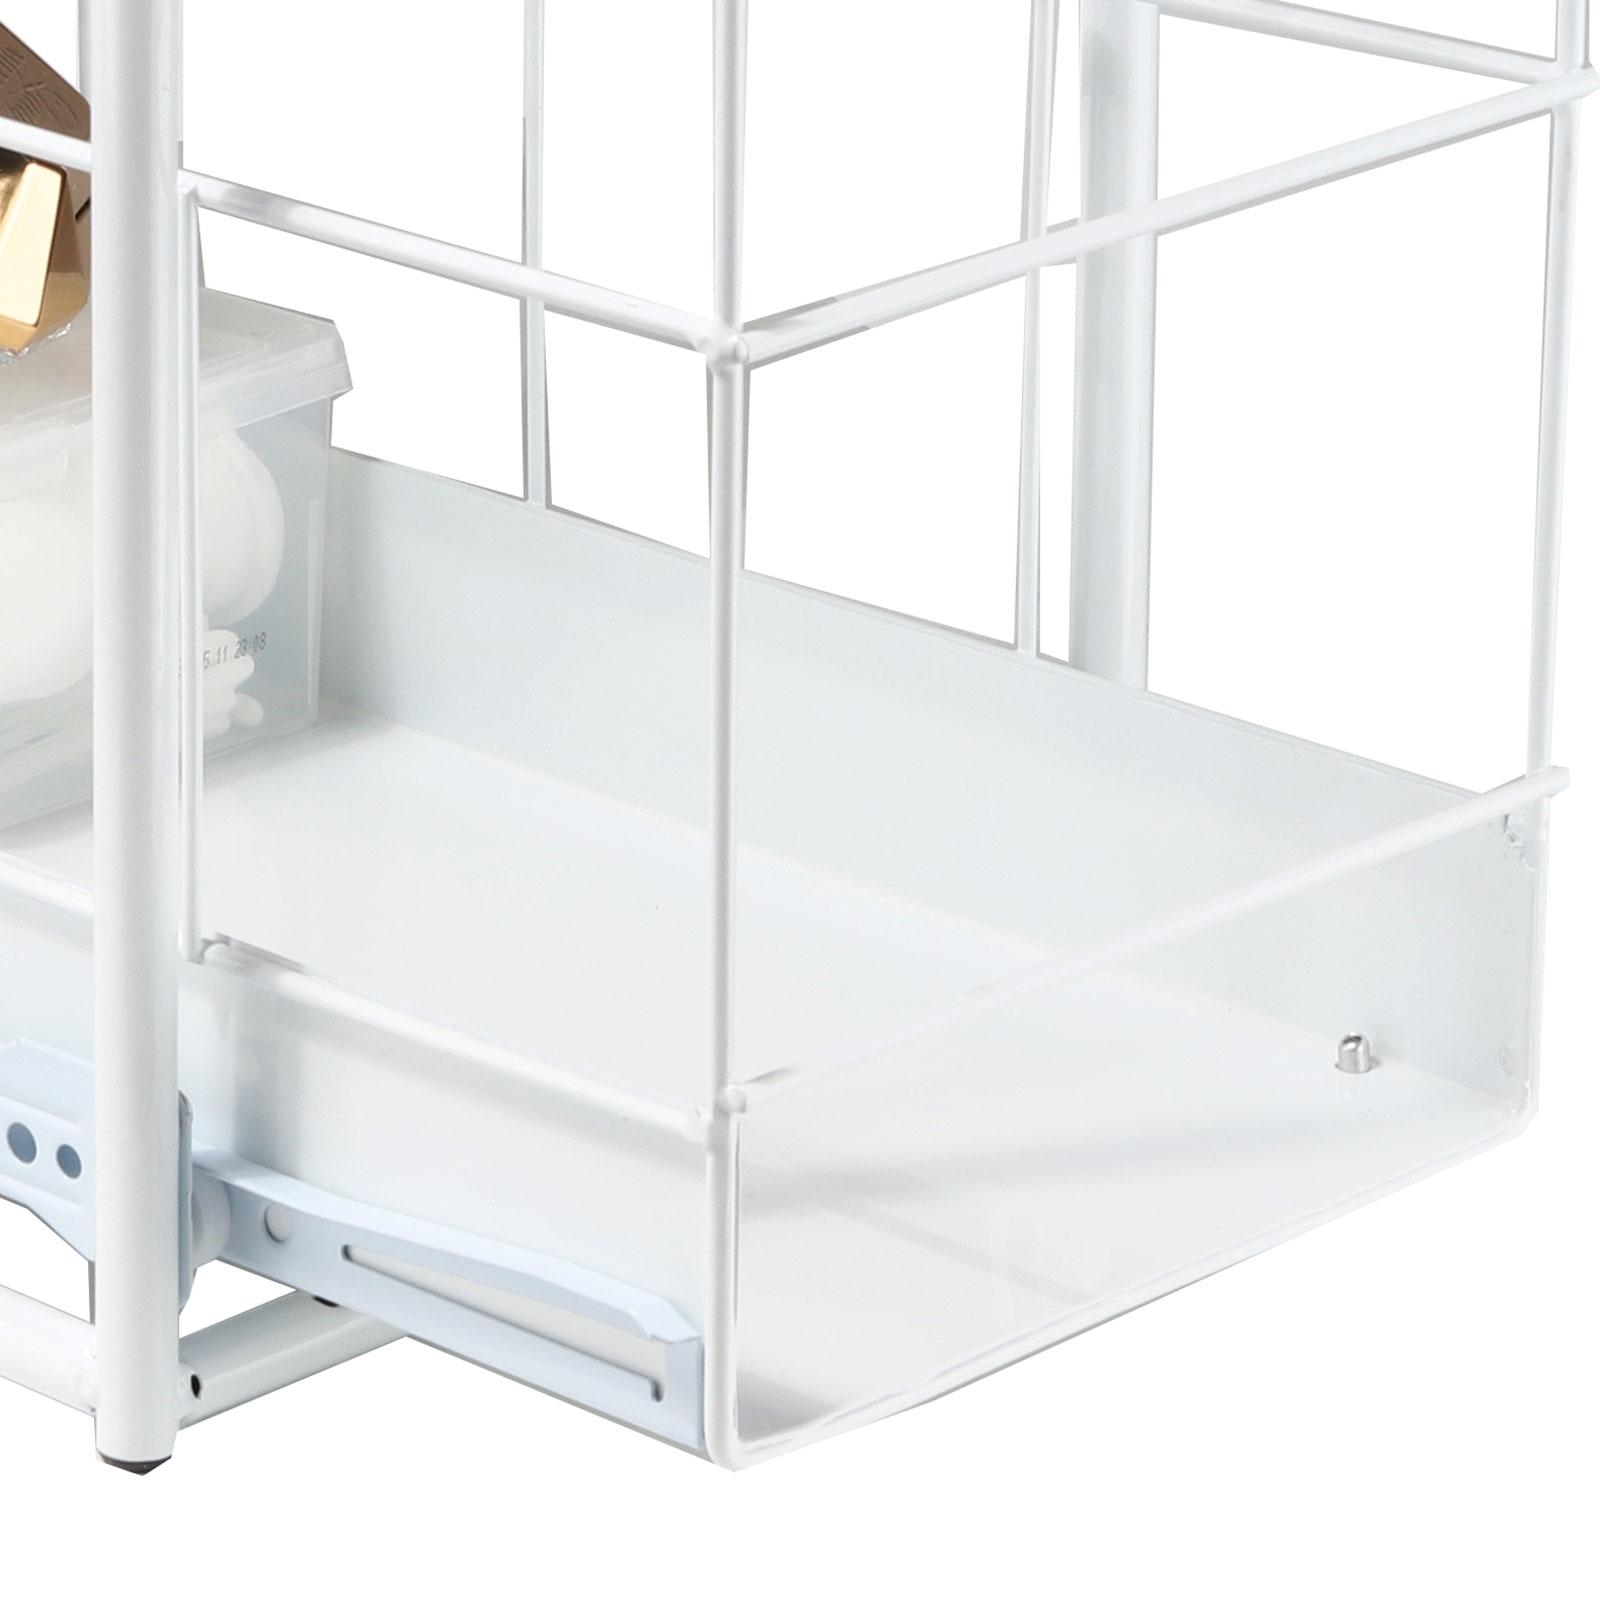 teleskop schublade k chen schrank auszug korbauszug einbauschublade sp lschrank ebay. Black Bedroom Furniture Sets. Home Design Ideas